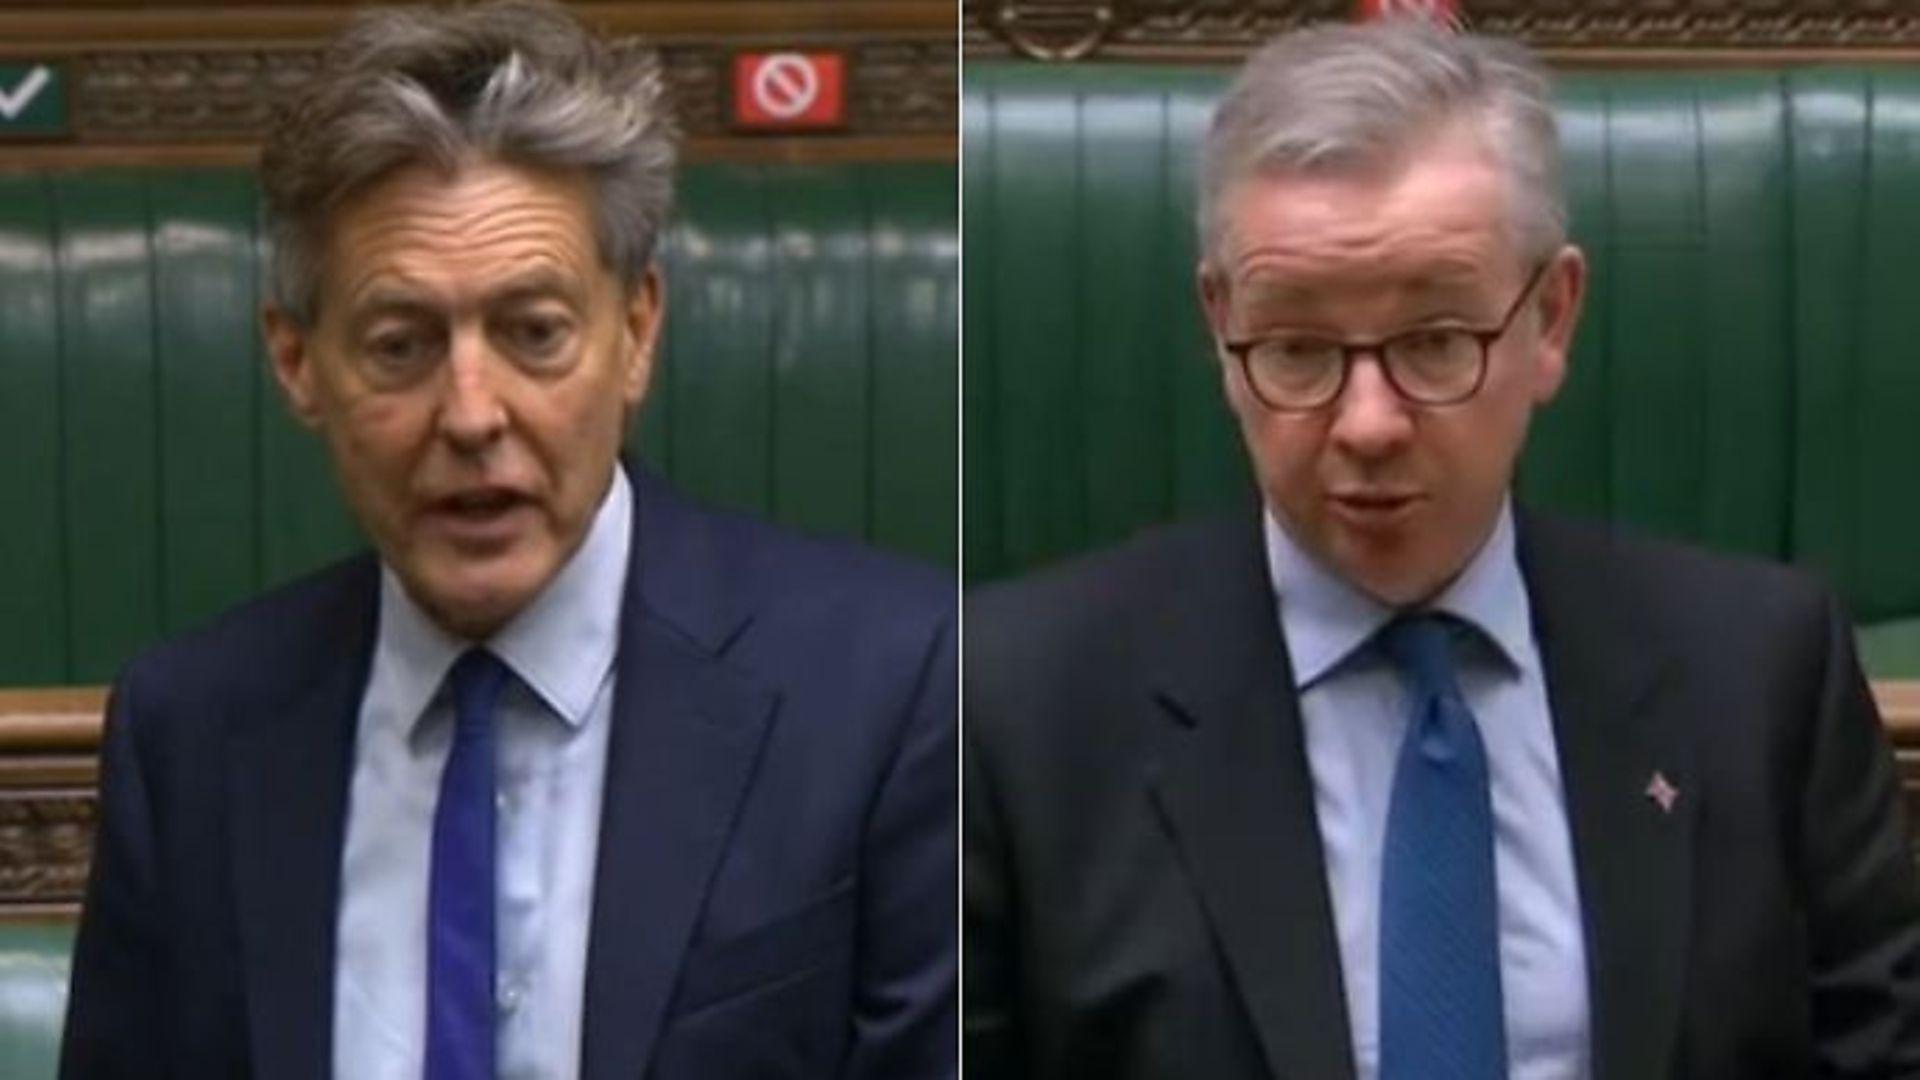 Ben Bradshaw questions Michael Gove on his Brexit comments - Credit: Parliament Live